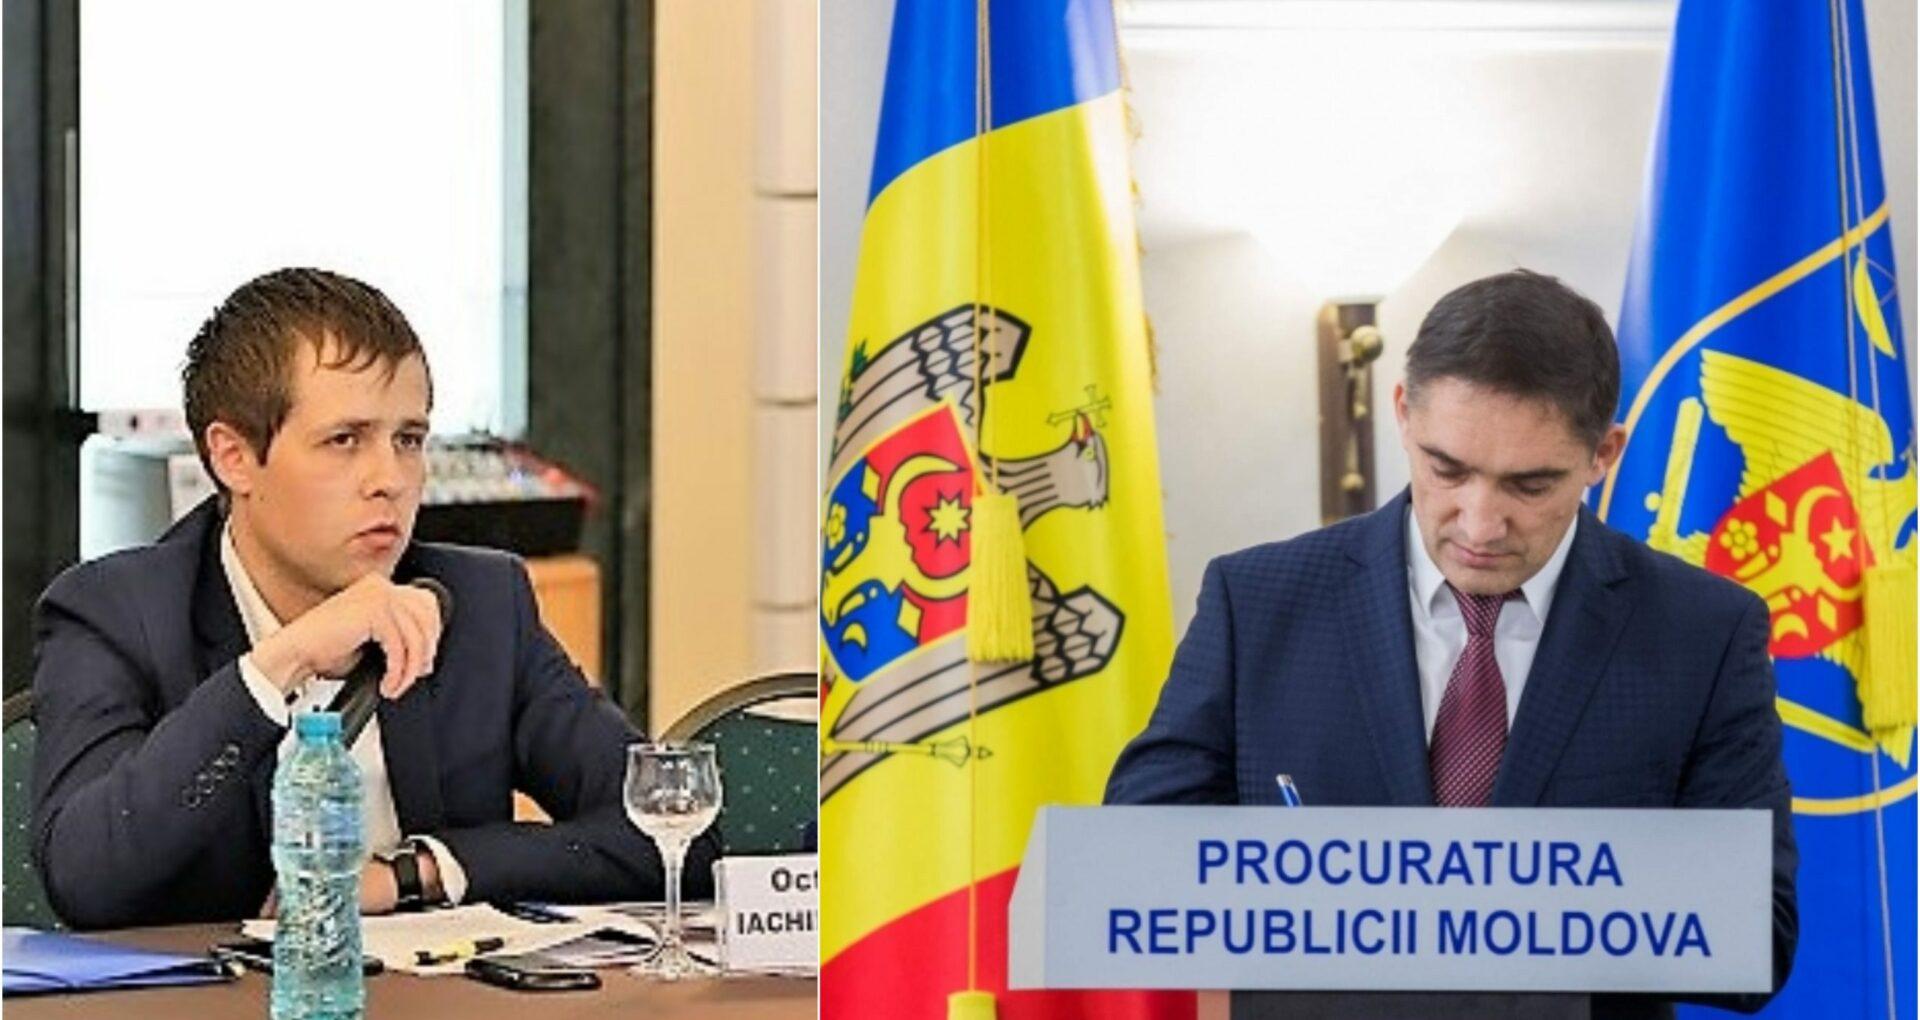 Procurorul general a sistat activitatea adjunctului lui Morari care conducea urmărirea penală în dosarul fraudei bancare de câteva luni